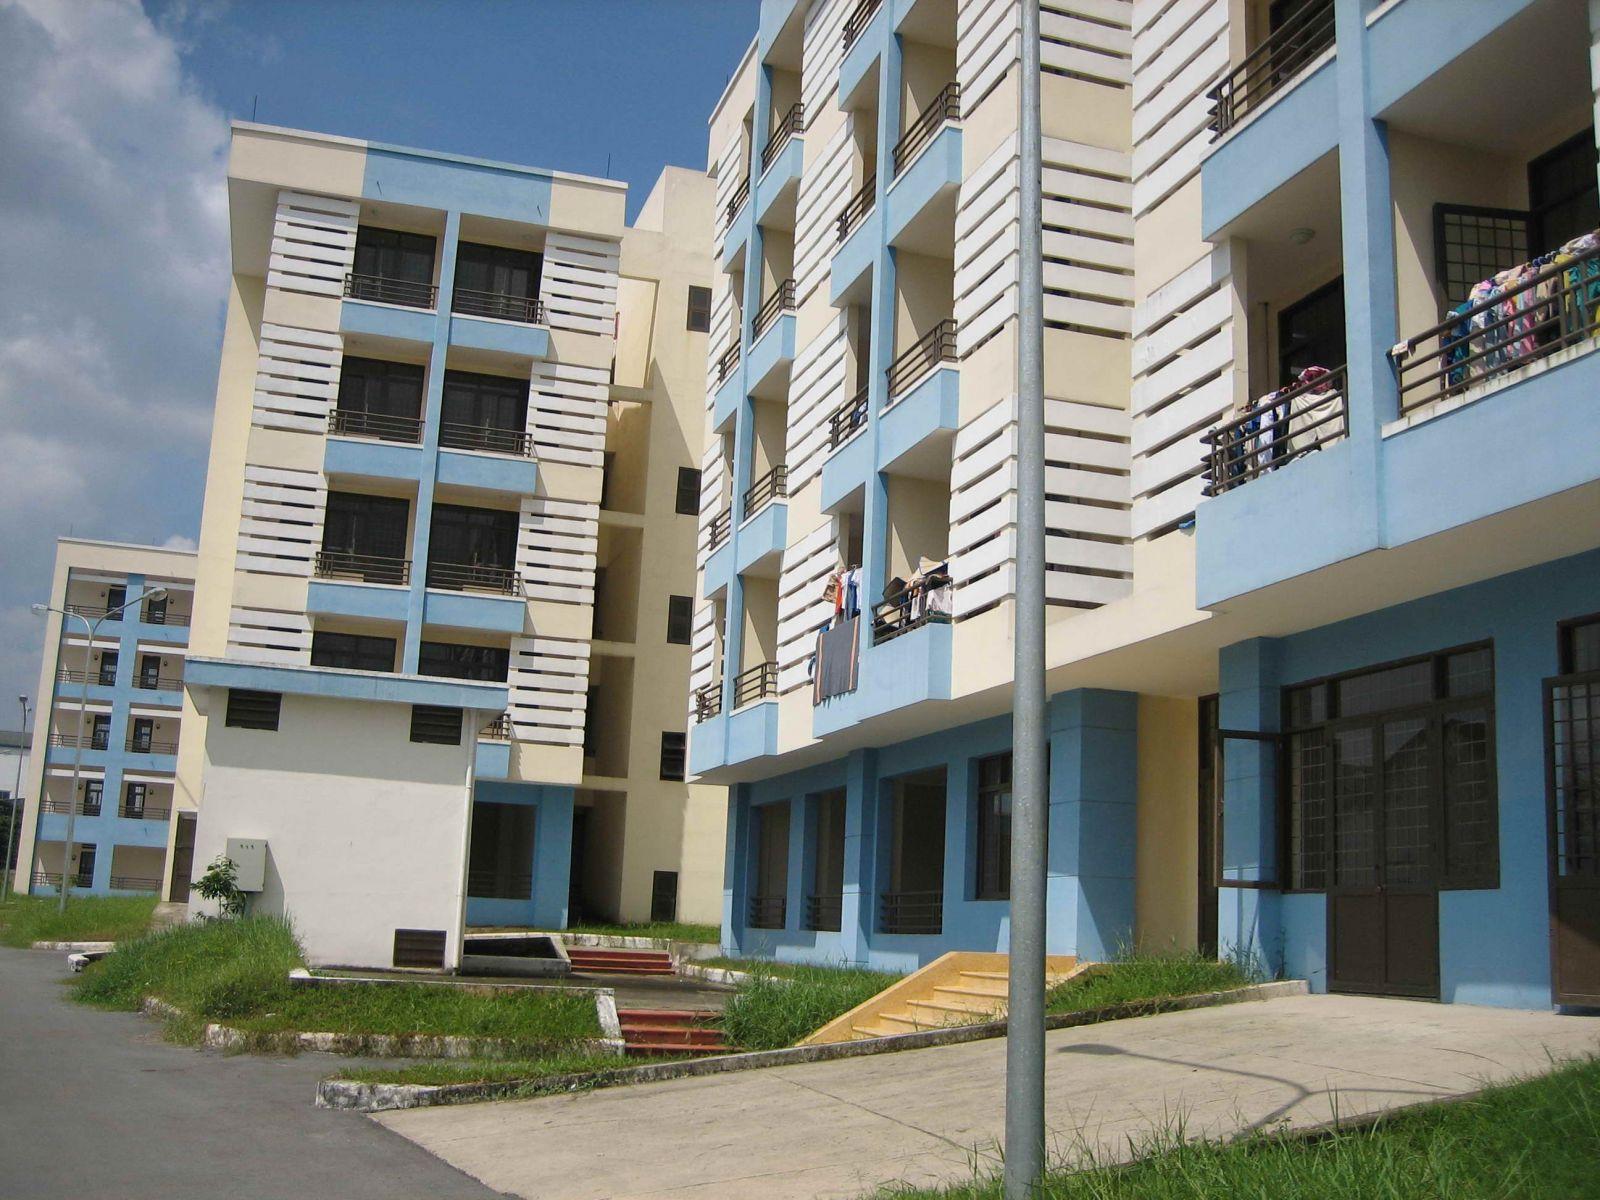 Nhà lưu trú KCX Linh Trung 2 - TP HCM